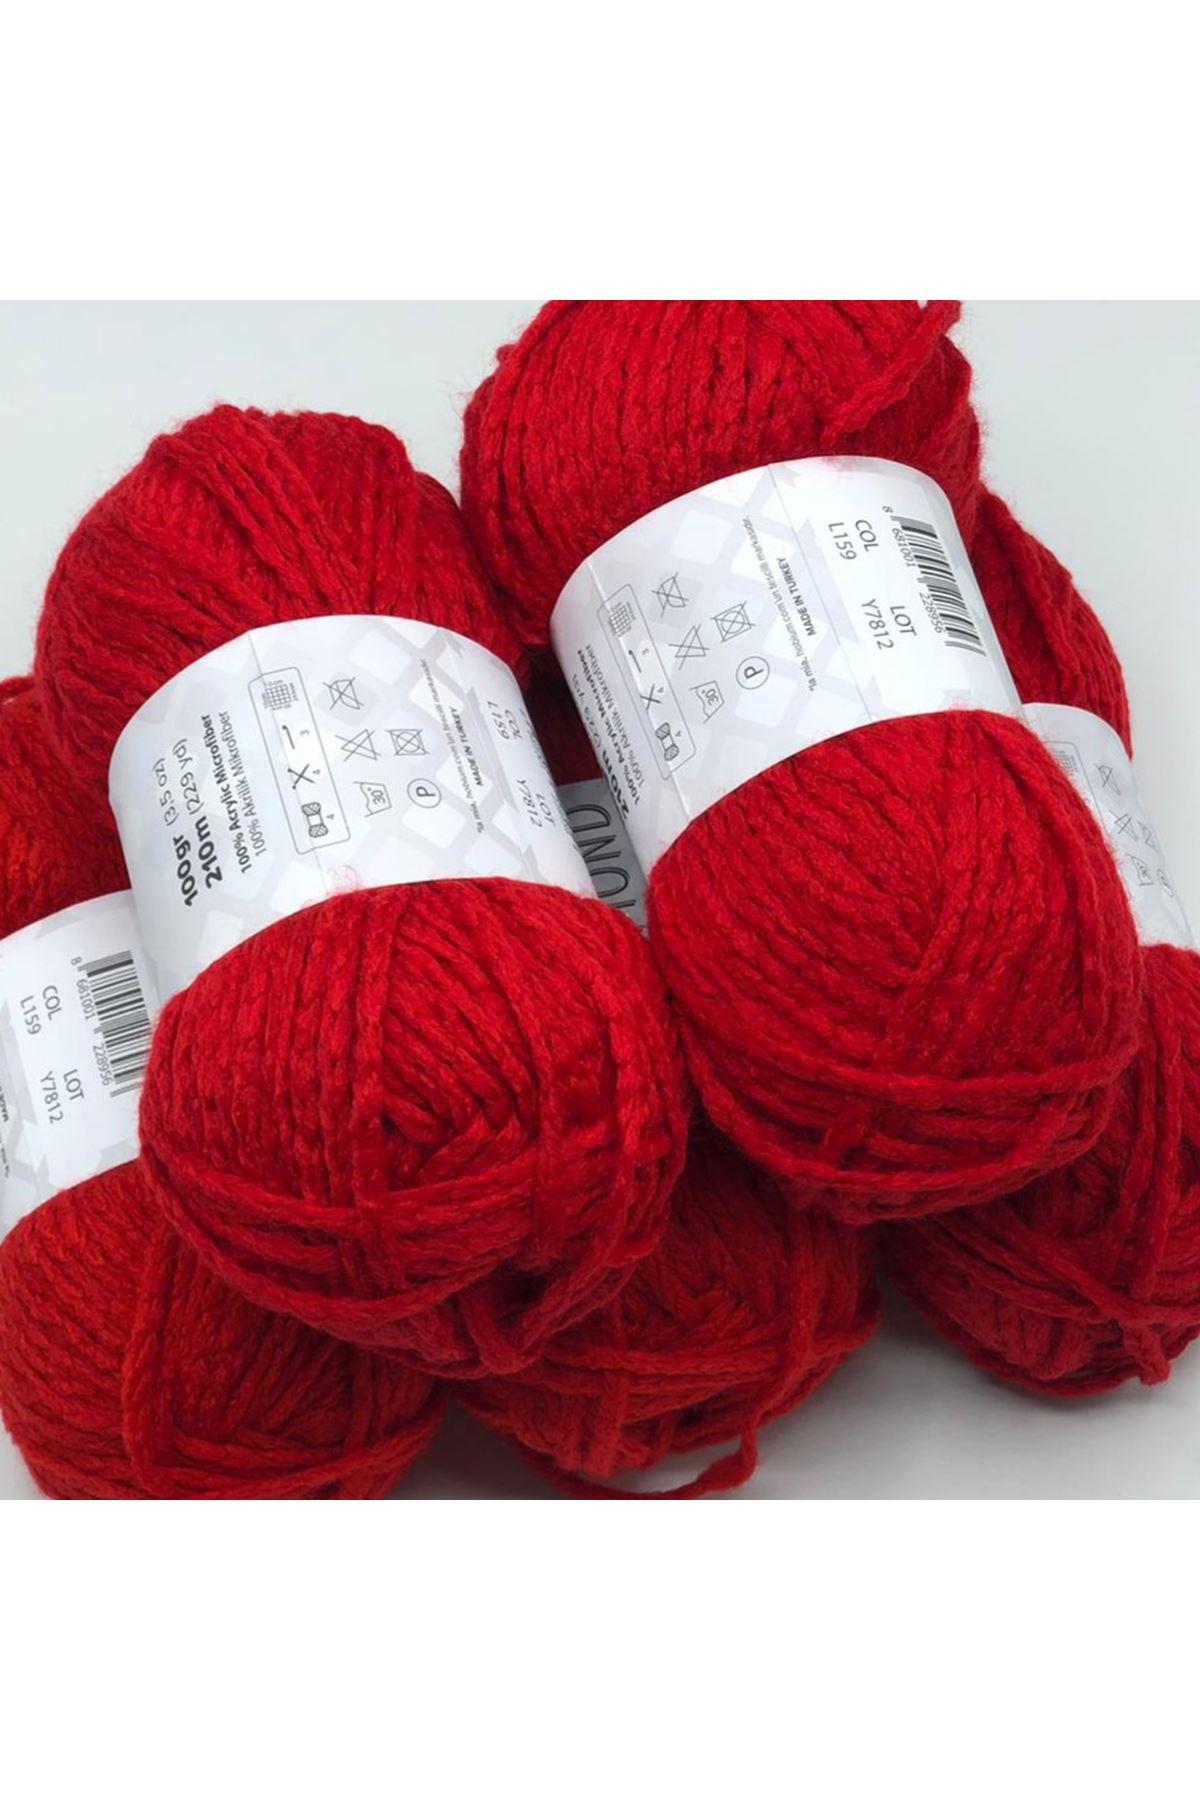 İhrac Fazlası 5'li Paket 210 Akrilik Kırmızı